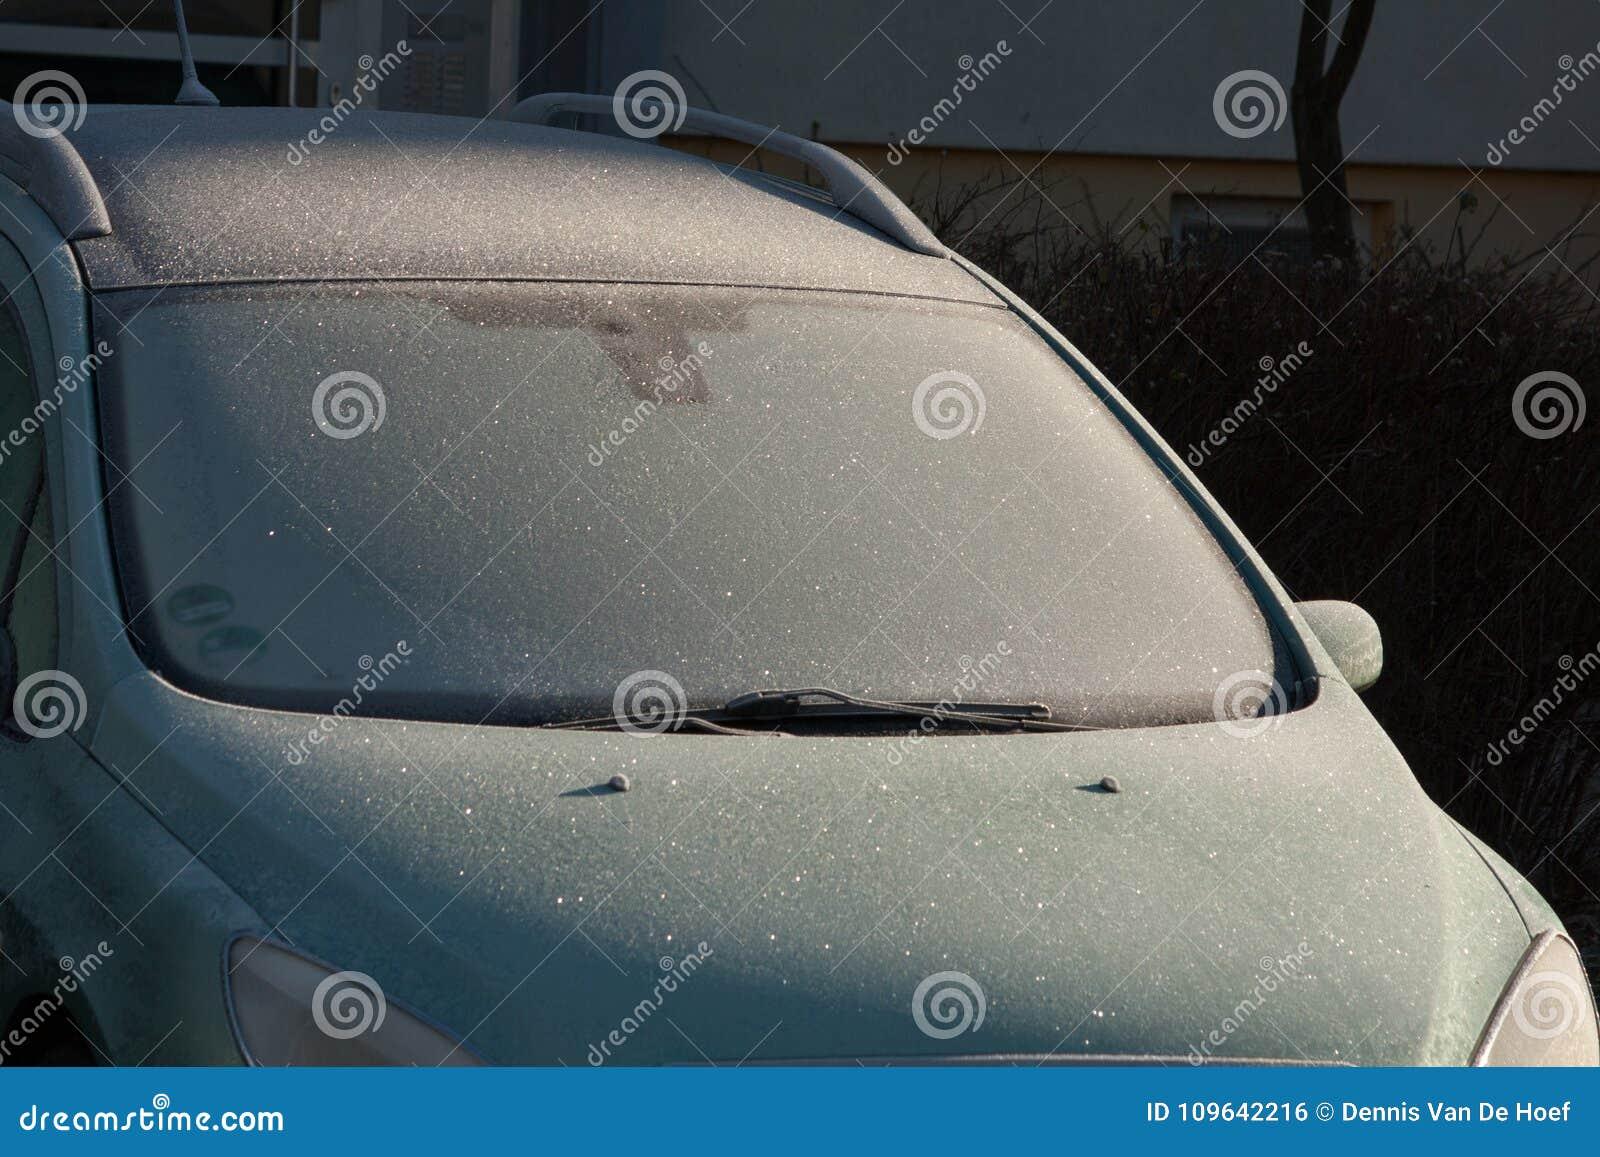 Frozen car window.